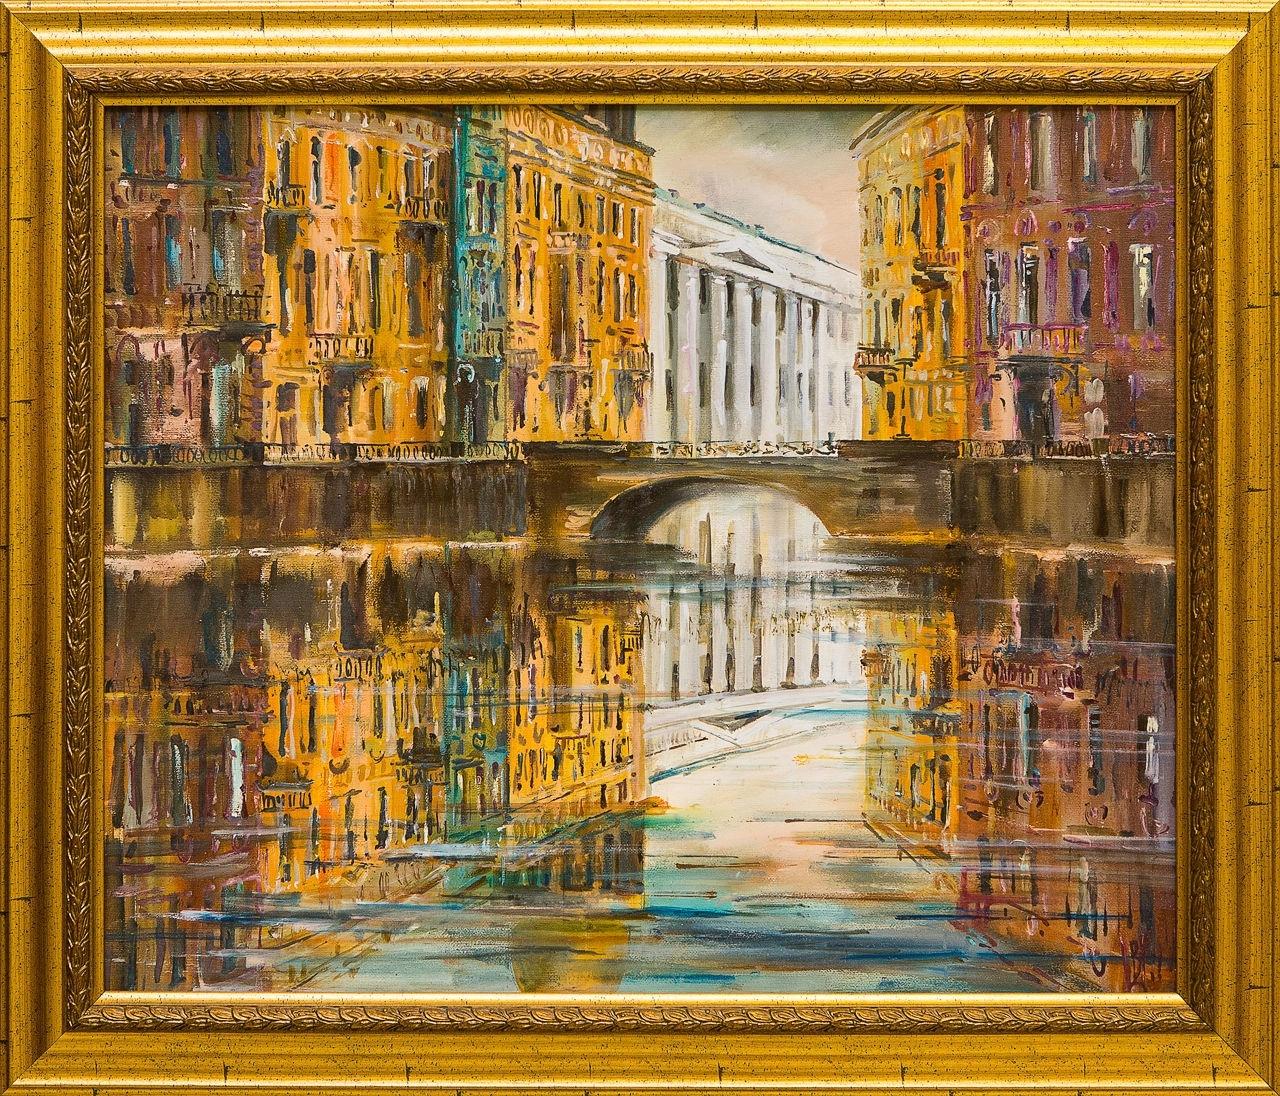 Картина маслом Вода Шеренкова картина маслом европа шеренкова